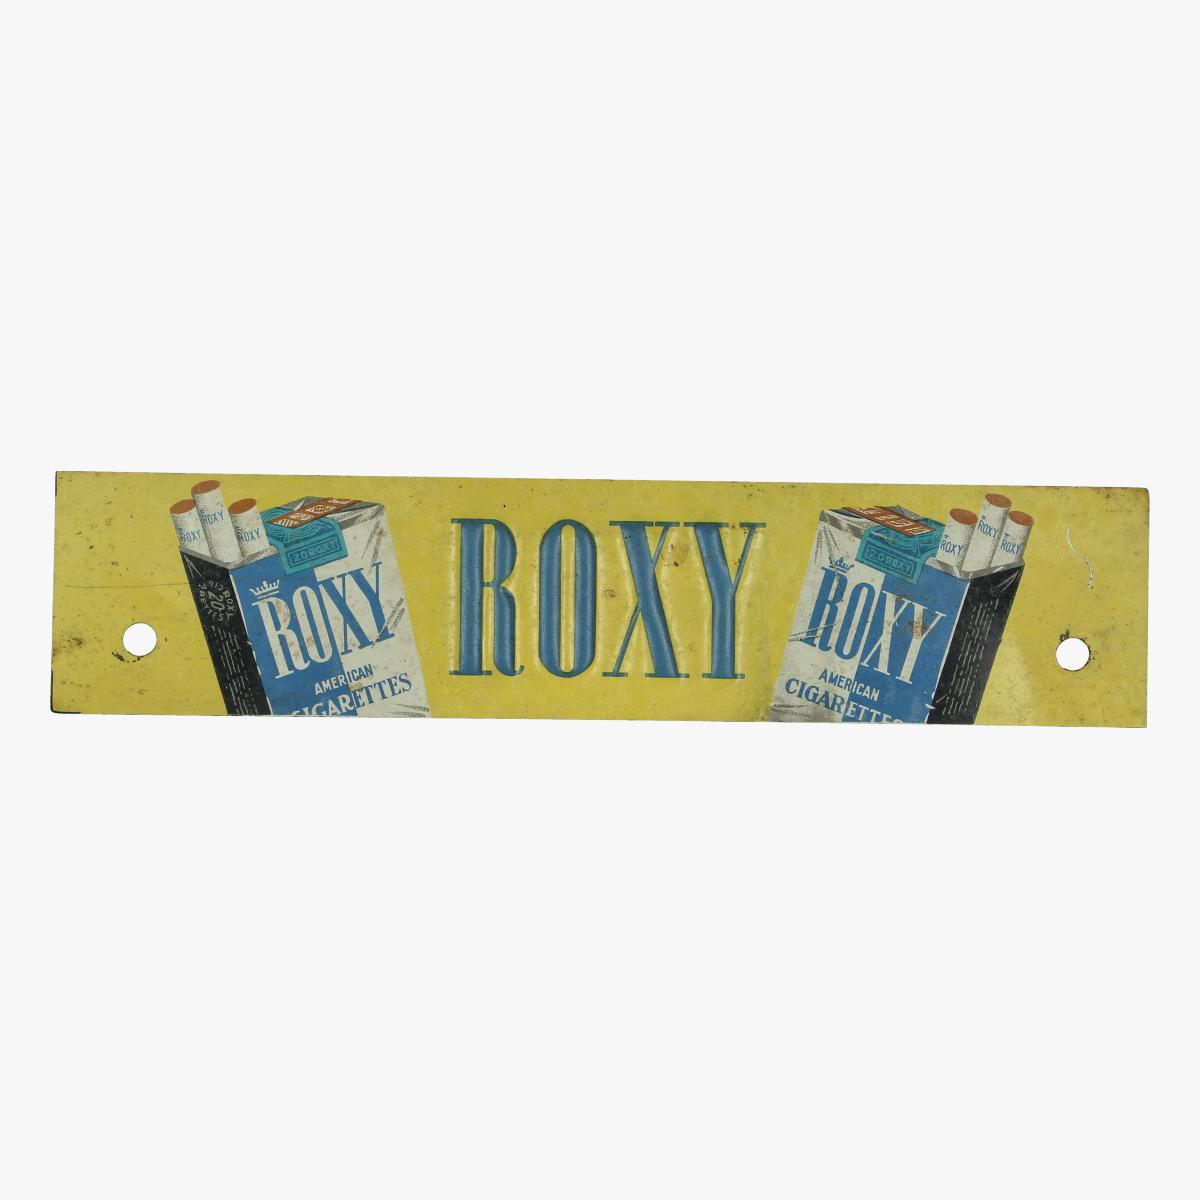 Afbeeldingen van blikken plaatje roxy american cigarettes 26 cm op 6 cm